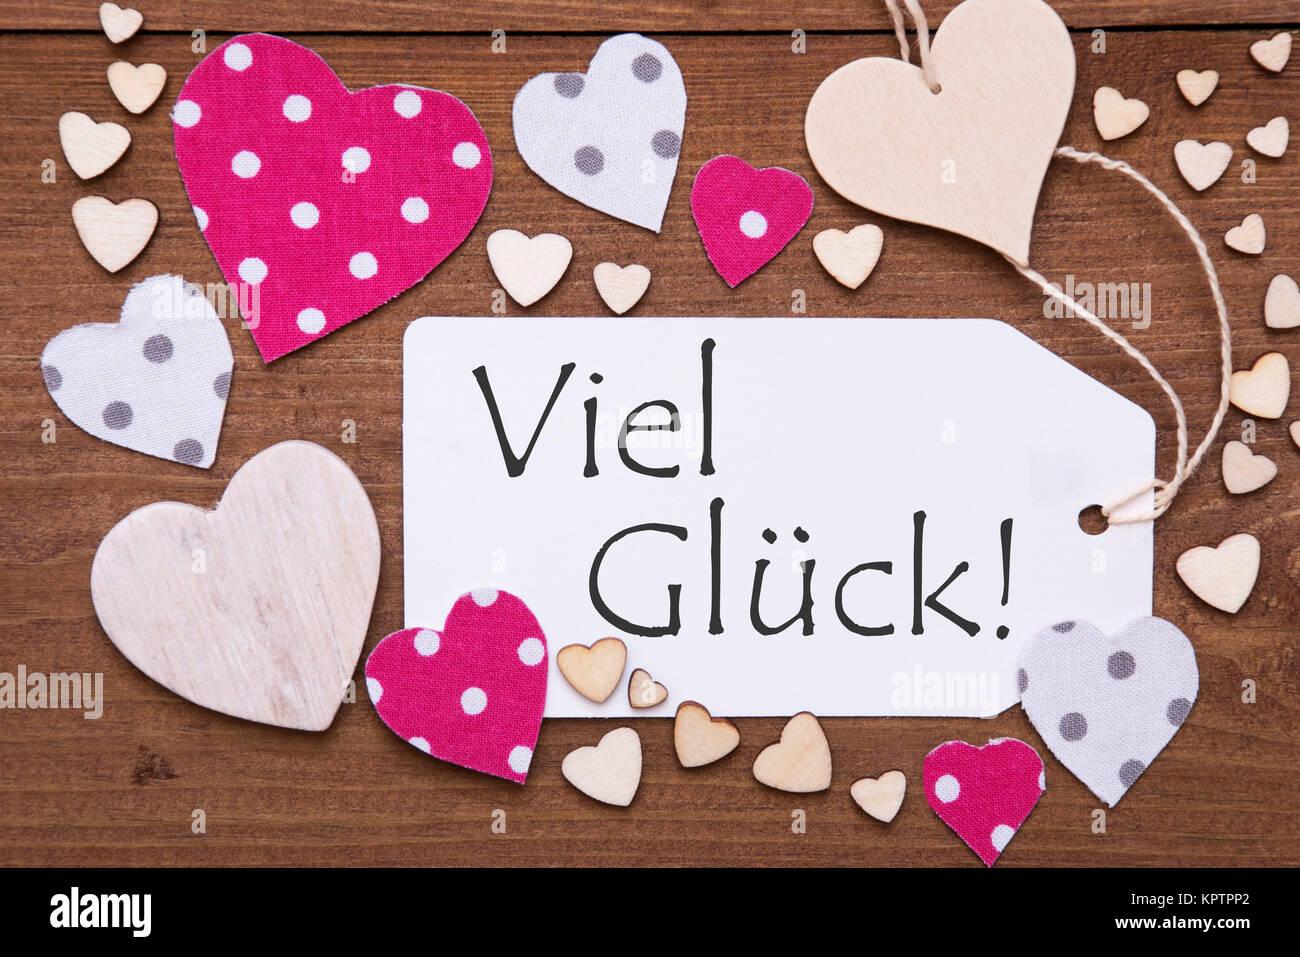 Etikett Mit Rosa Herzen Auf Textil Holz Hintergrund Deutsche Text